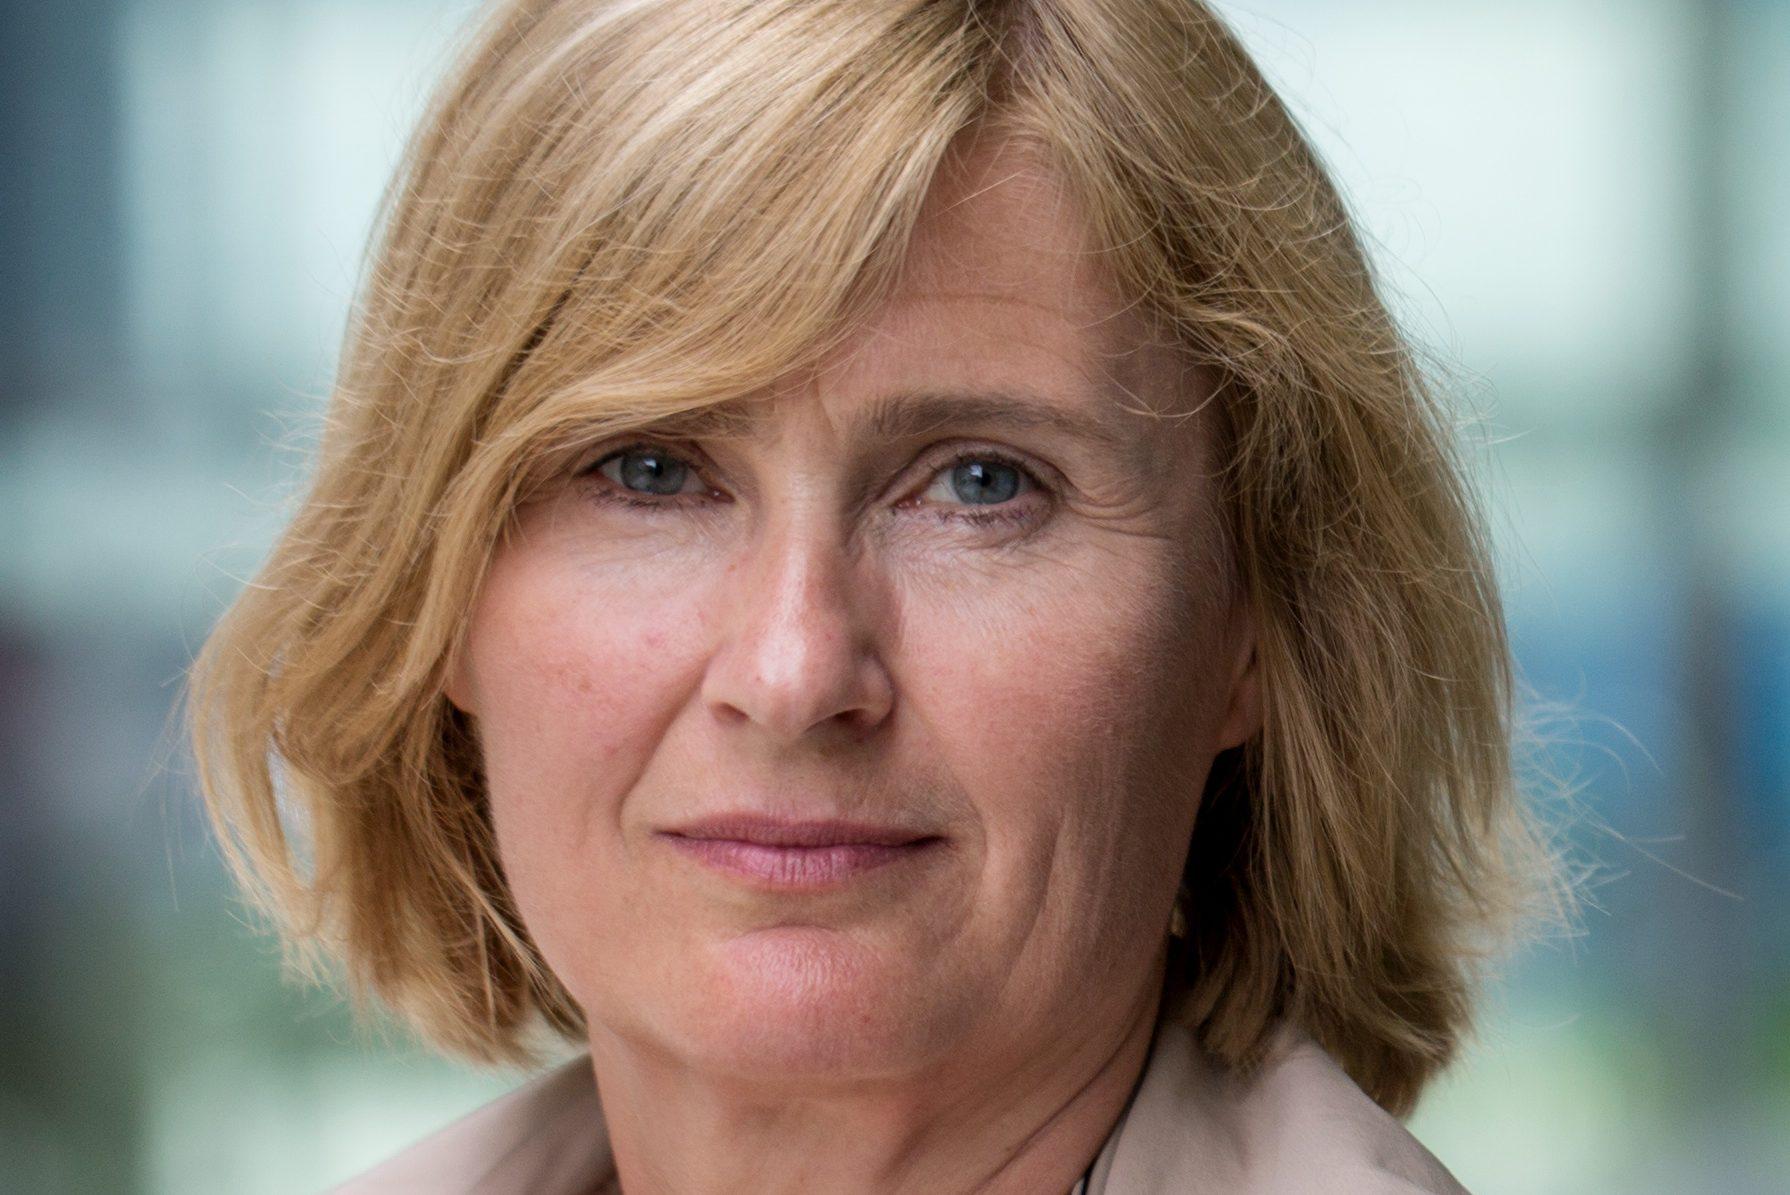 Ruth-Anne Sandaa